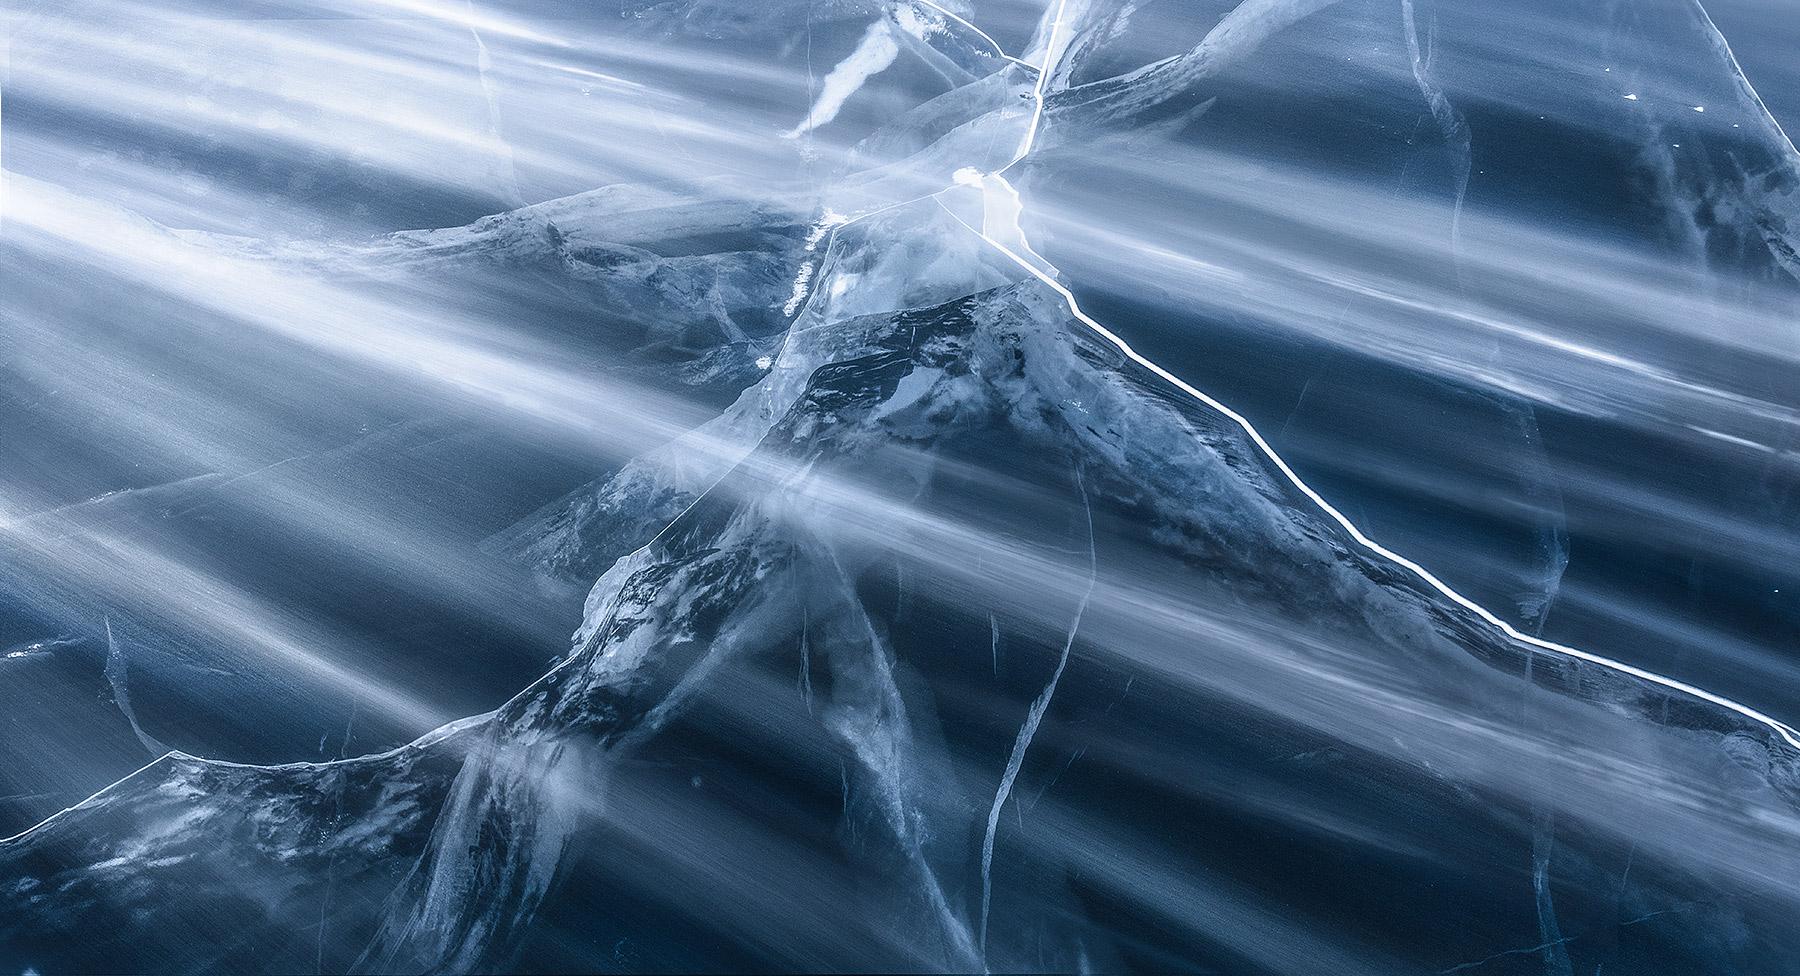 blowing, ice, snow, Kananaskis, winter, cold, rockies, photo